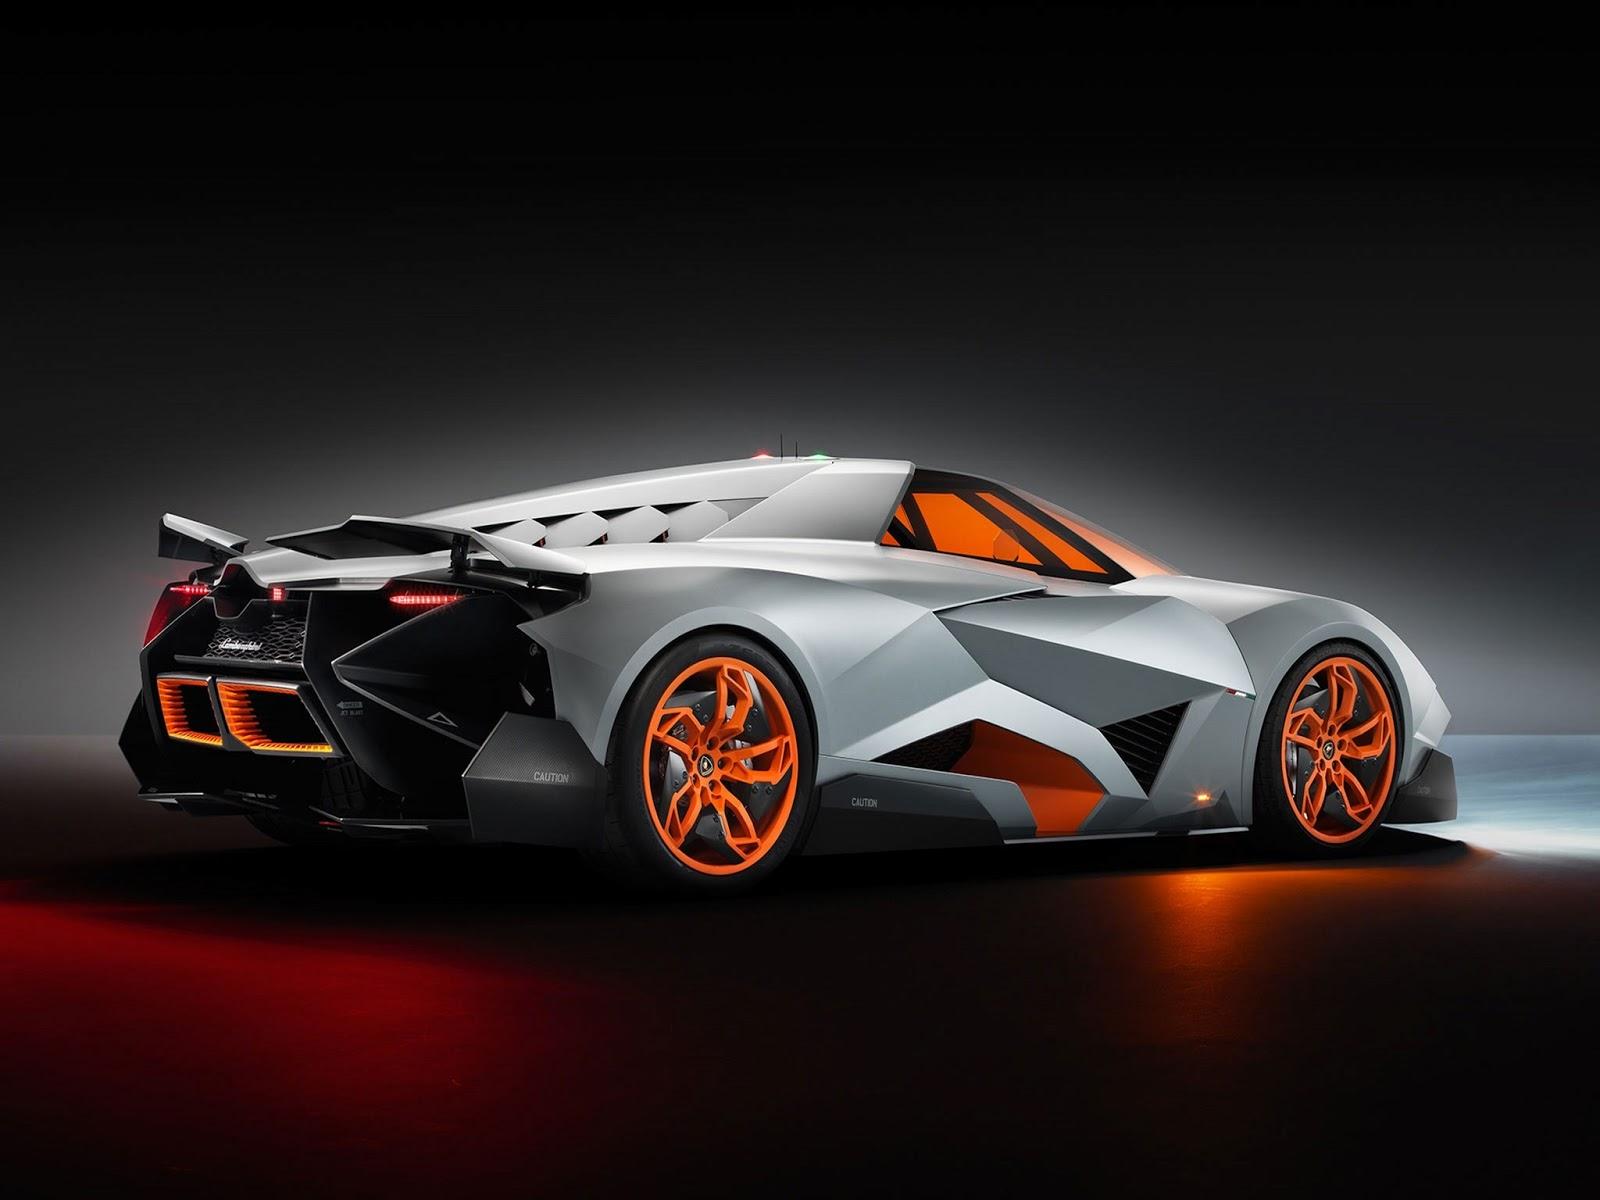 pad 2048x1536 Lamborghini Egoista Resimleri 1600x1200